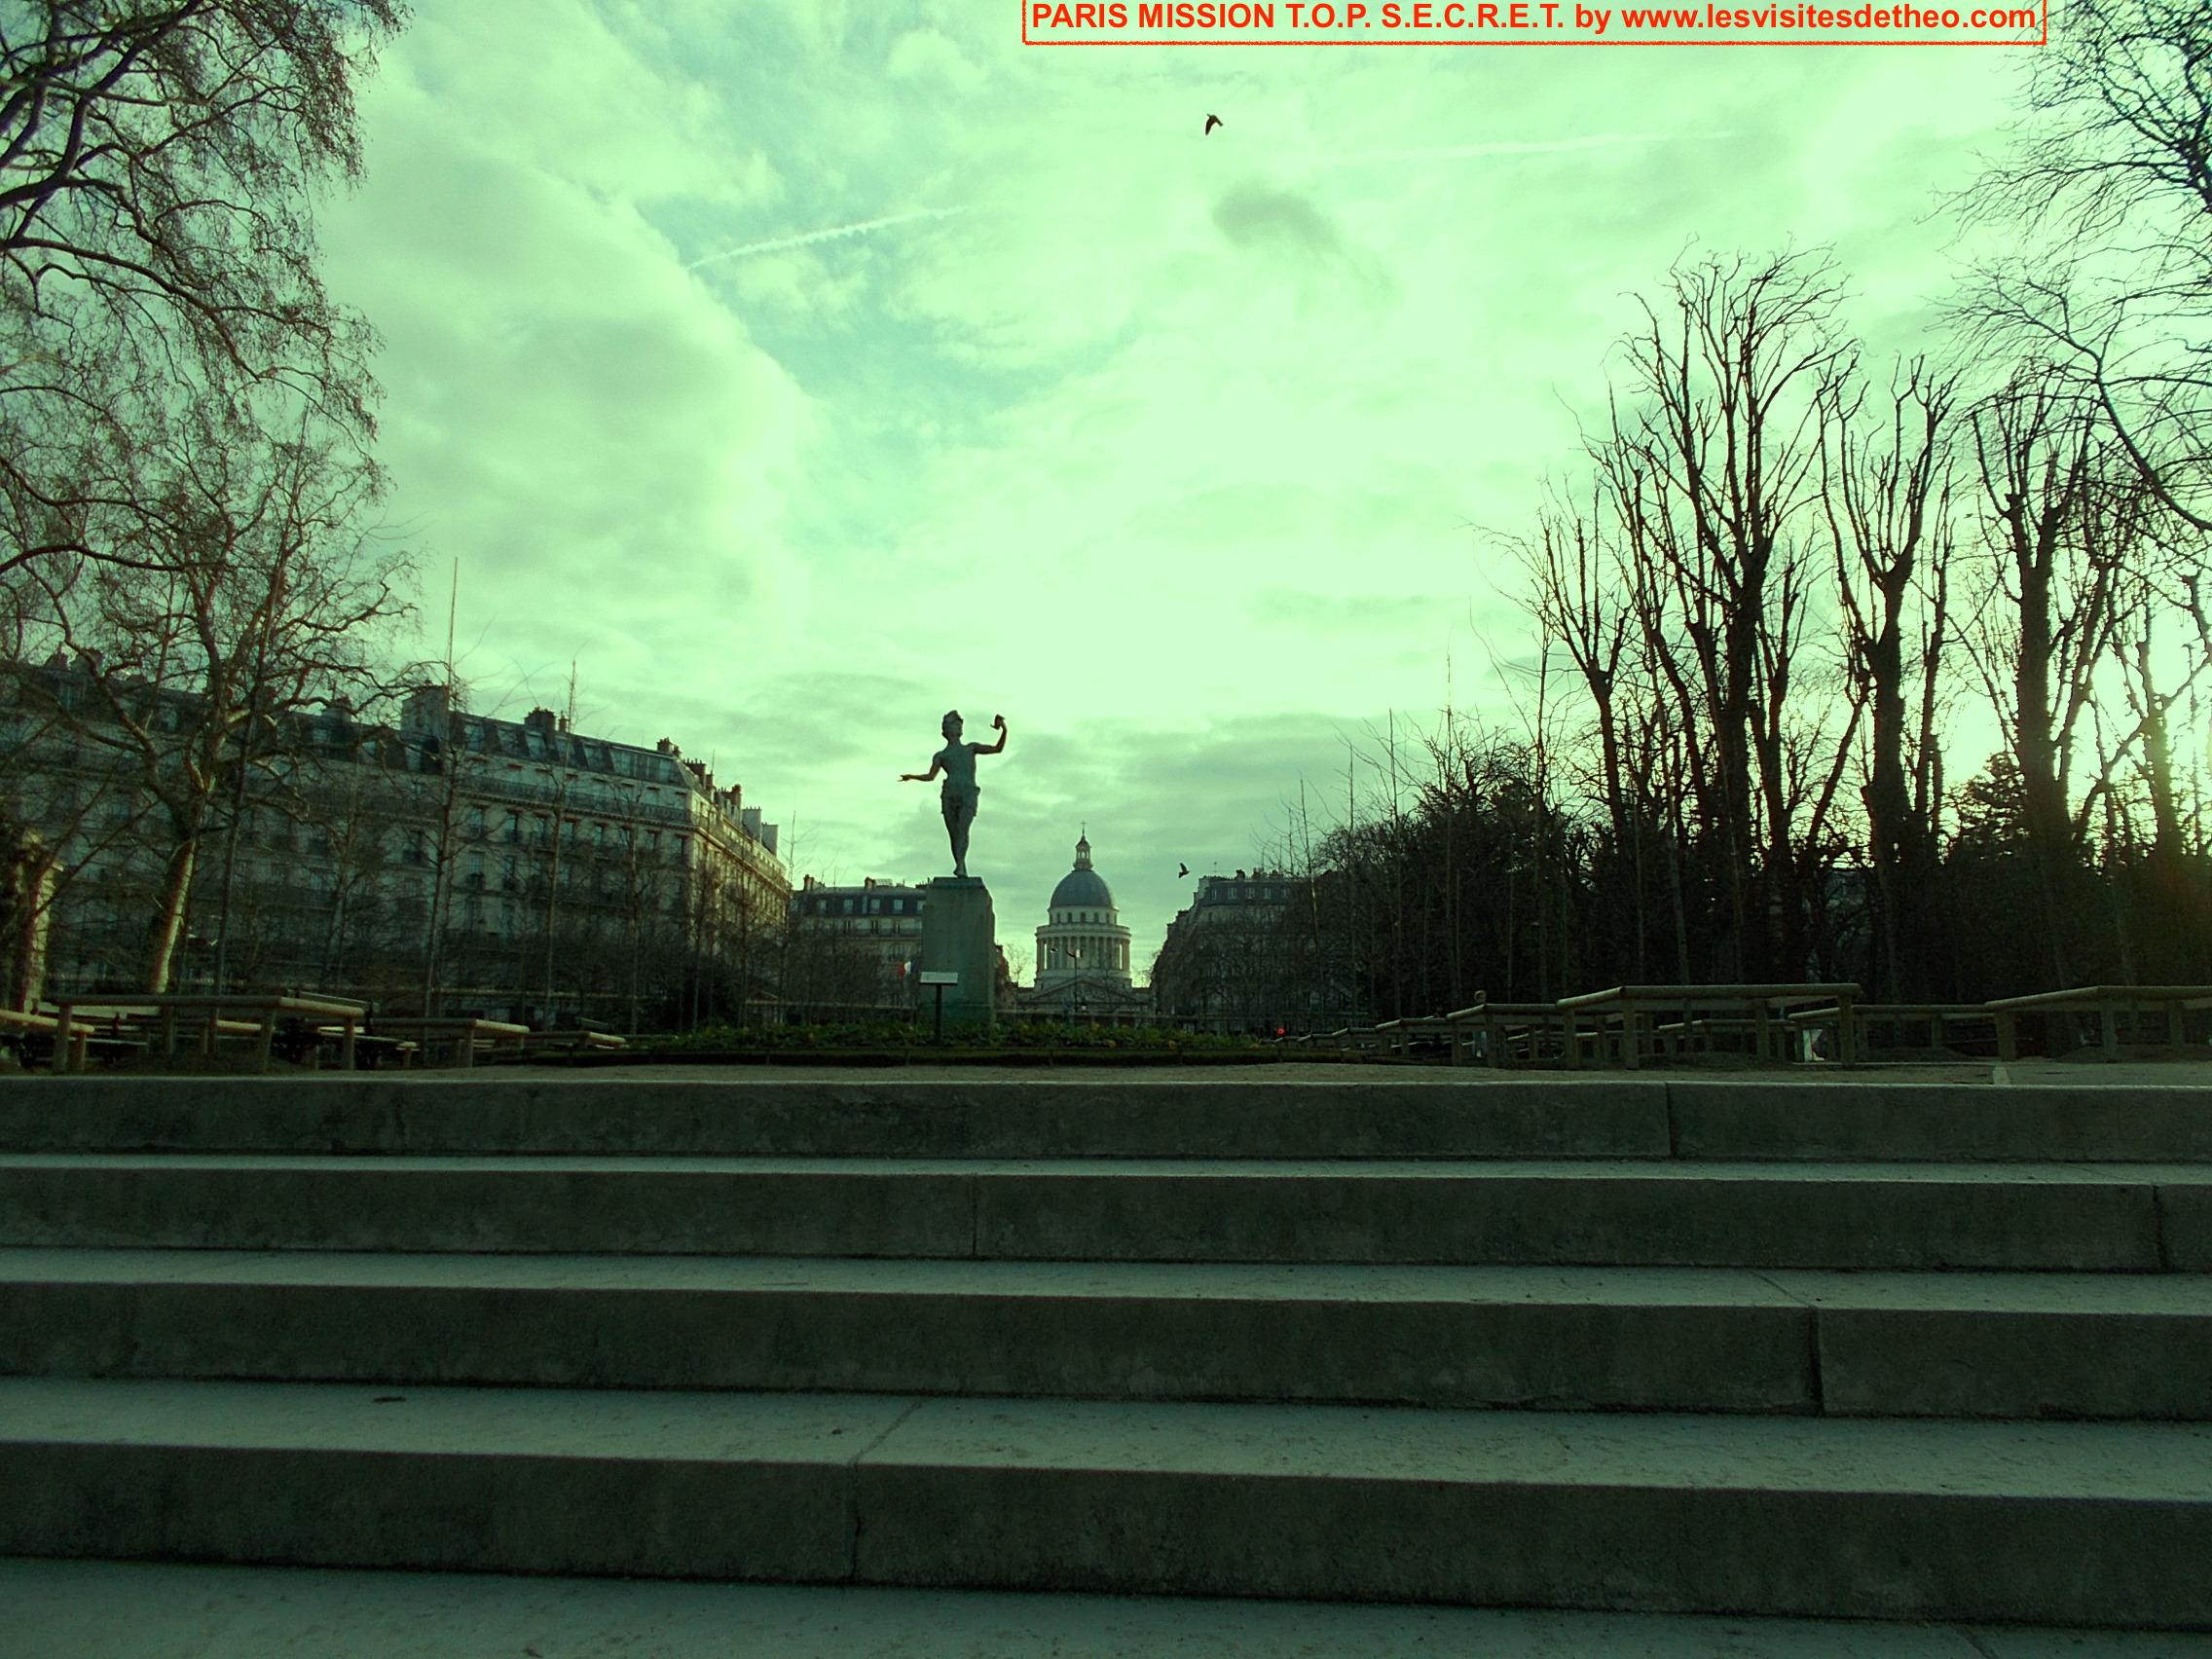 Paris MISSION T.O.P. S.E.C.R.E.T. ACTE II